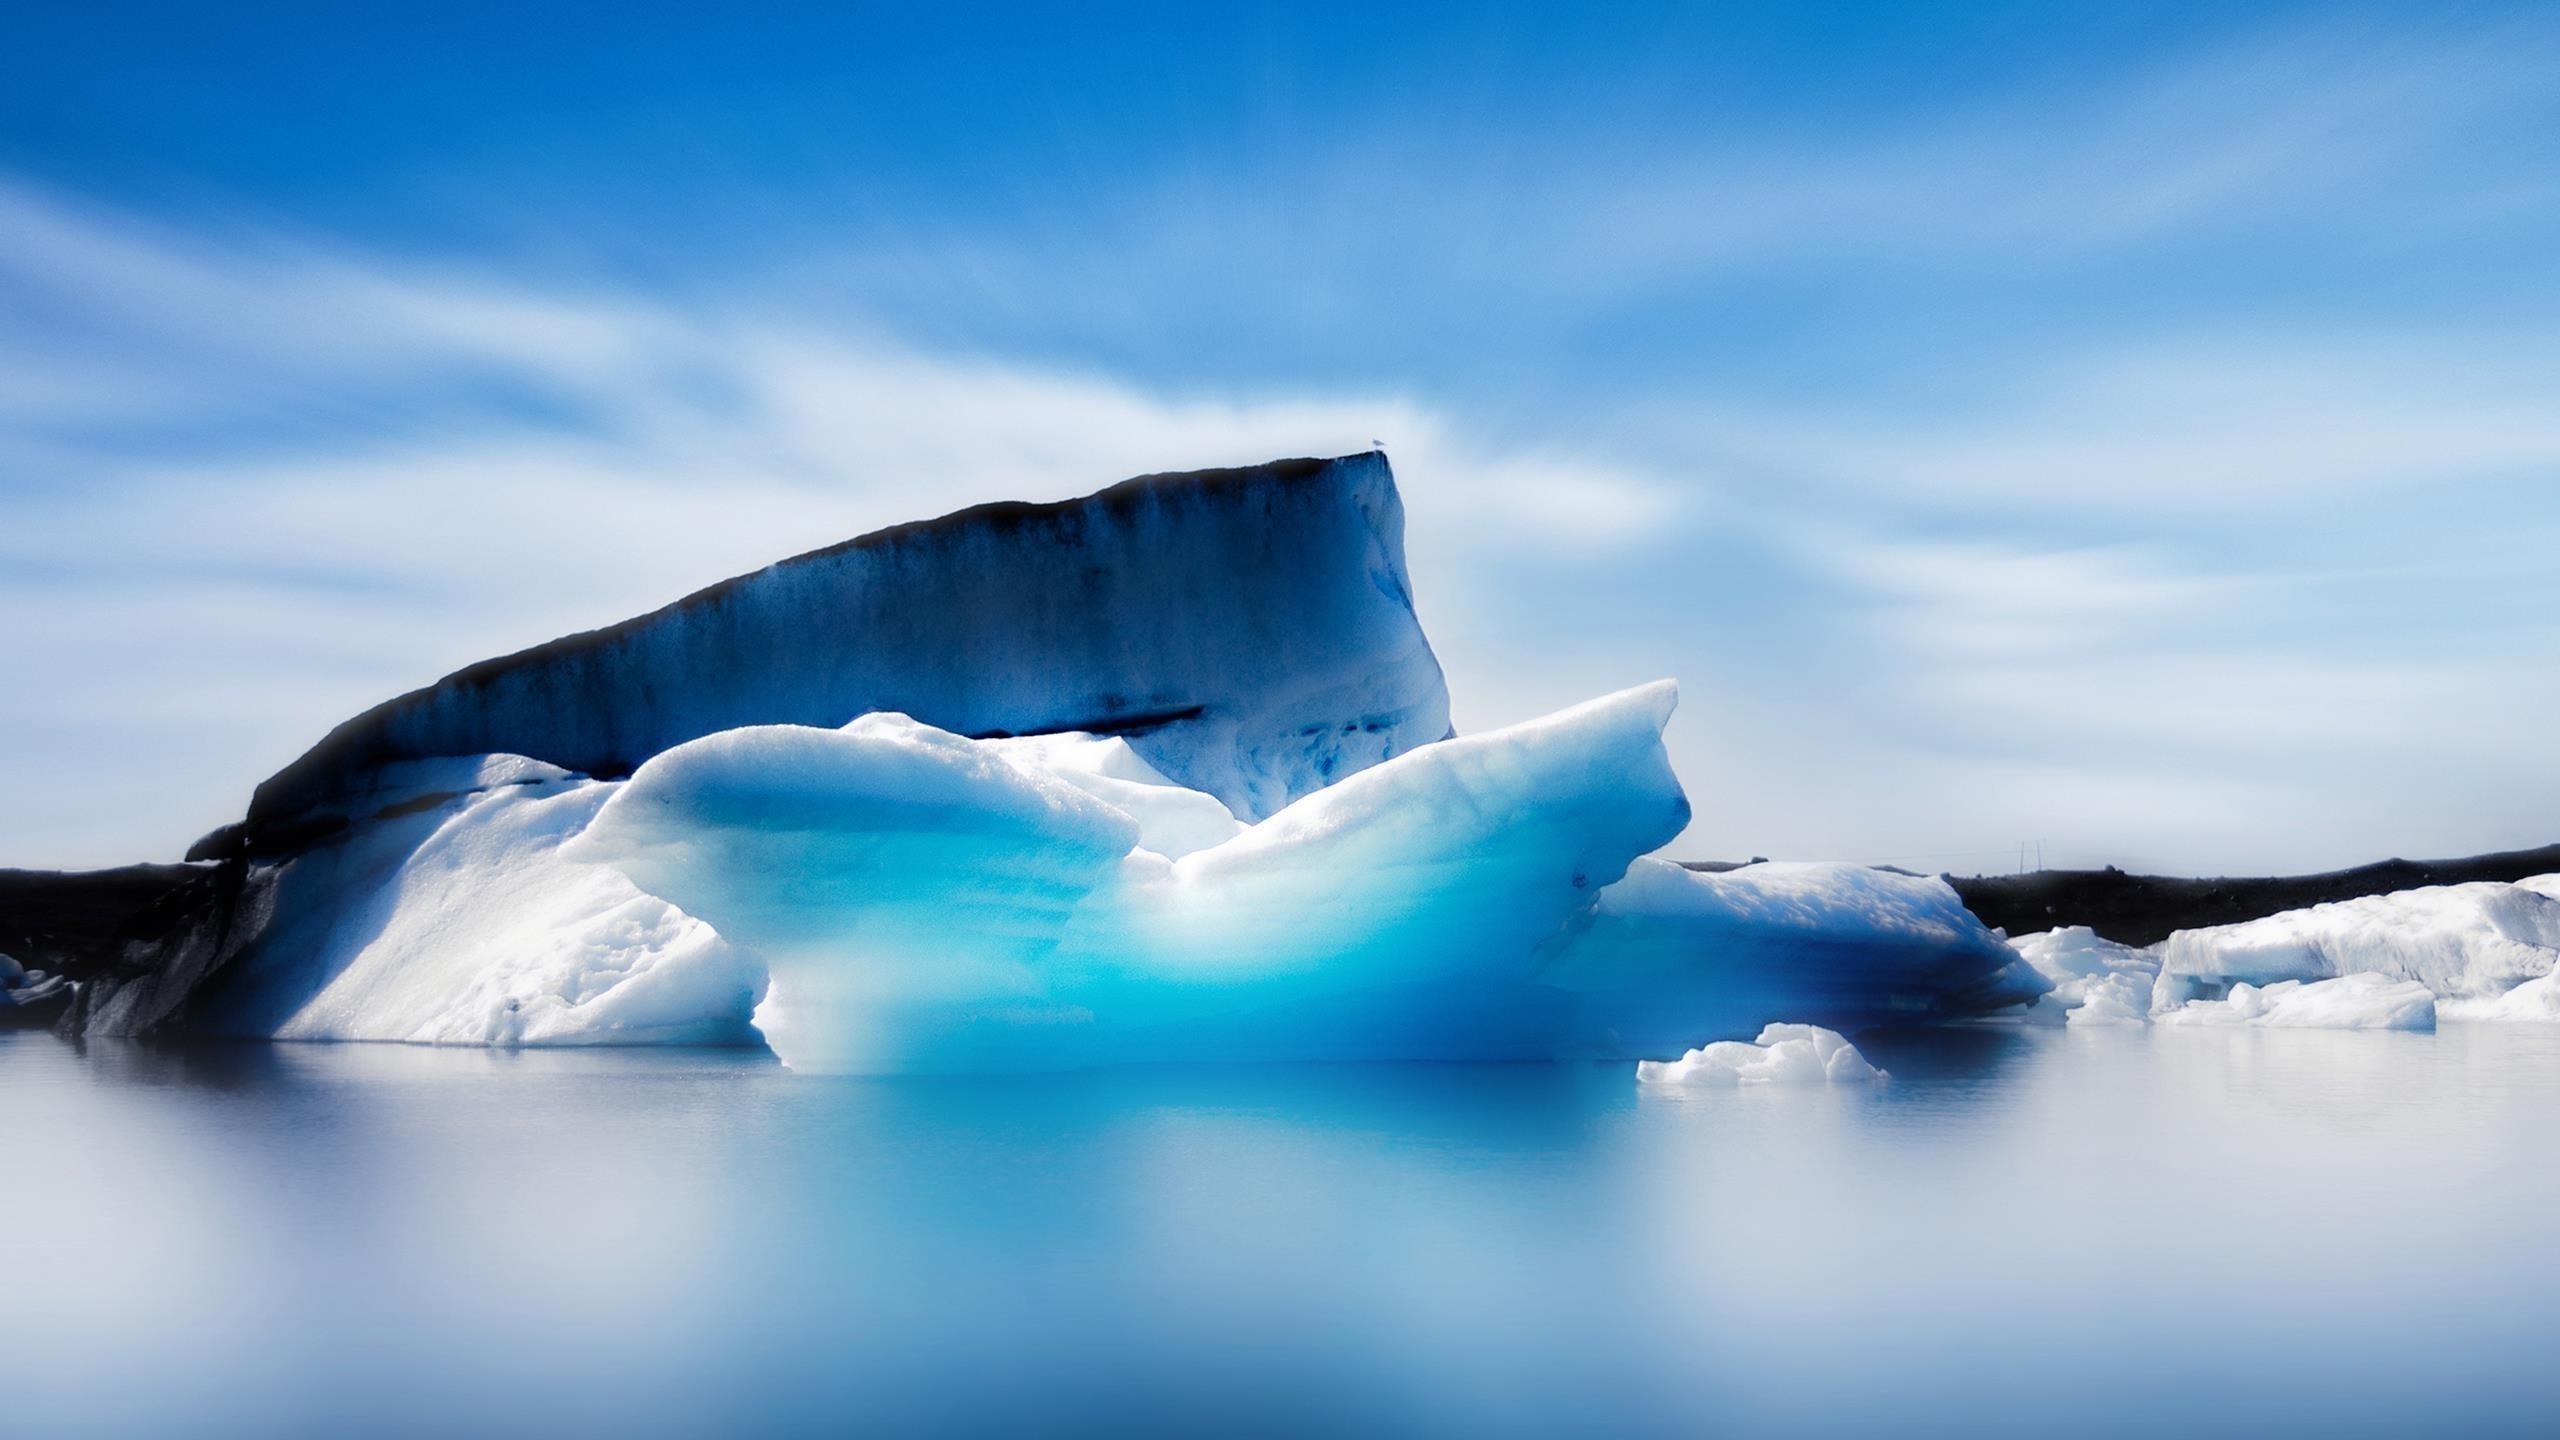 Ледяной айсберг обои скачать